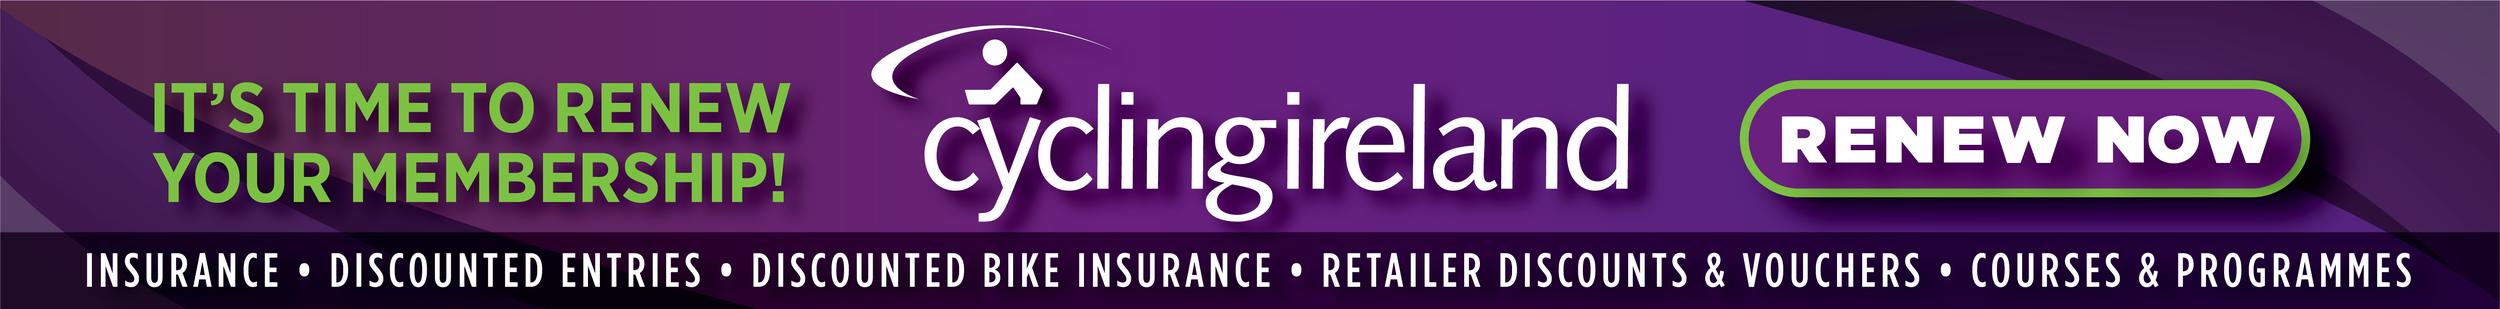 CI Membership Renewal web banner-05.png